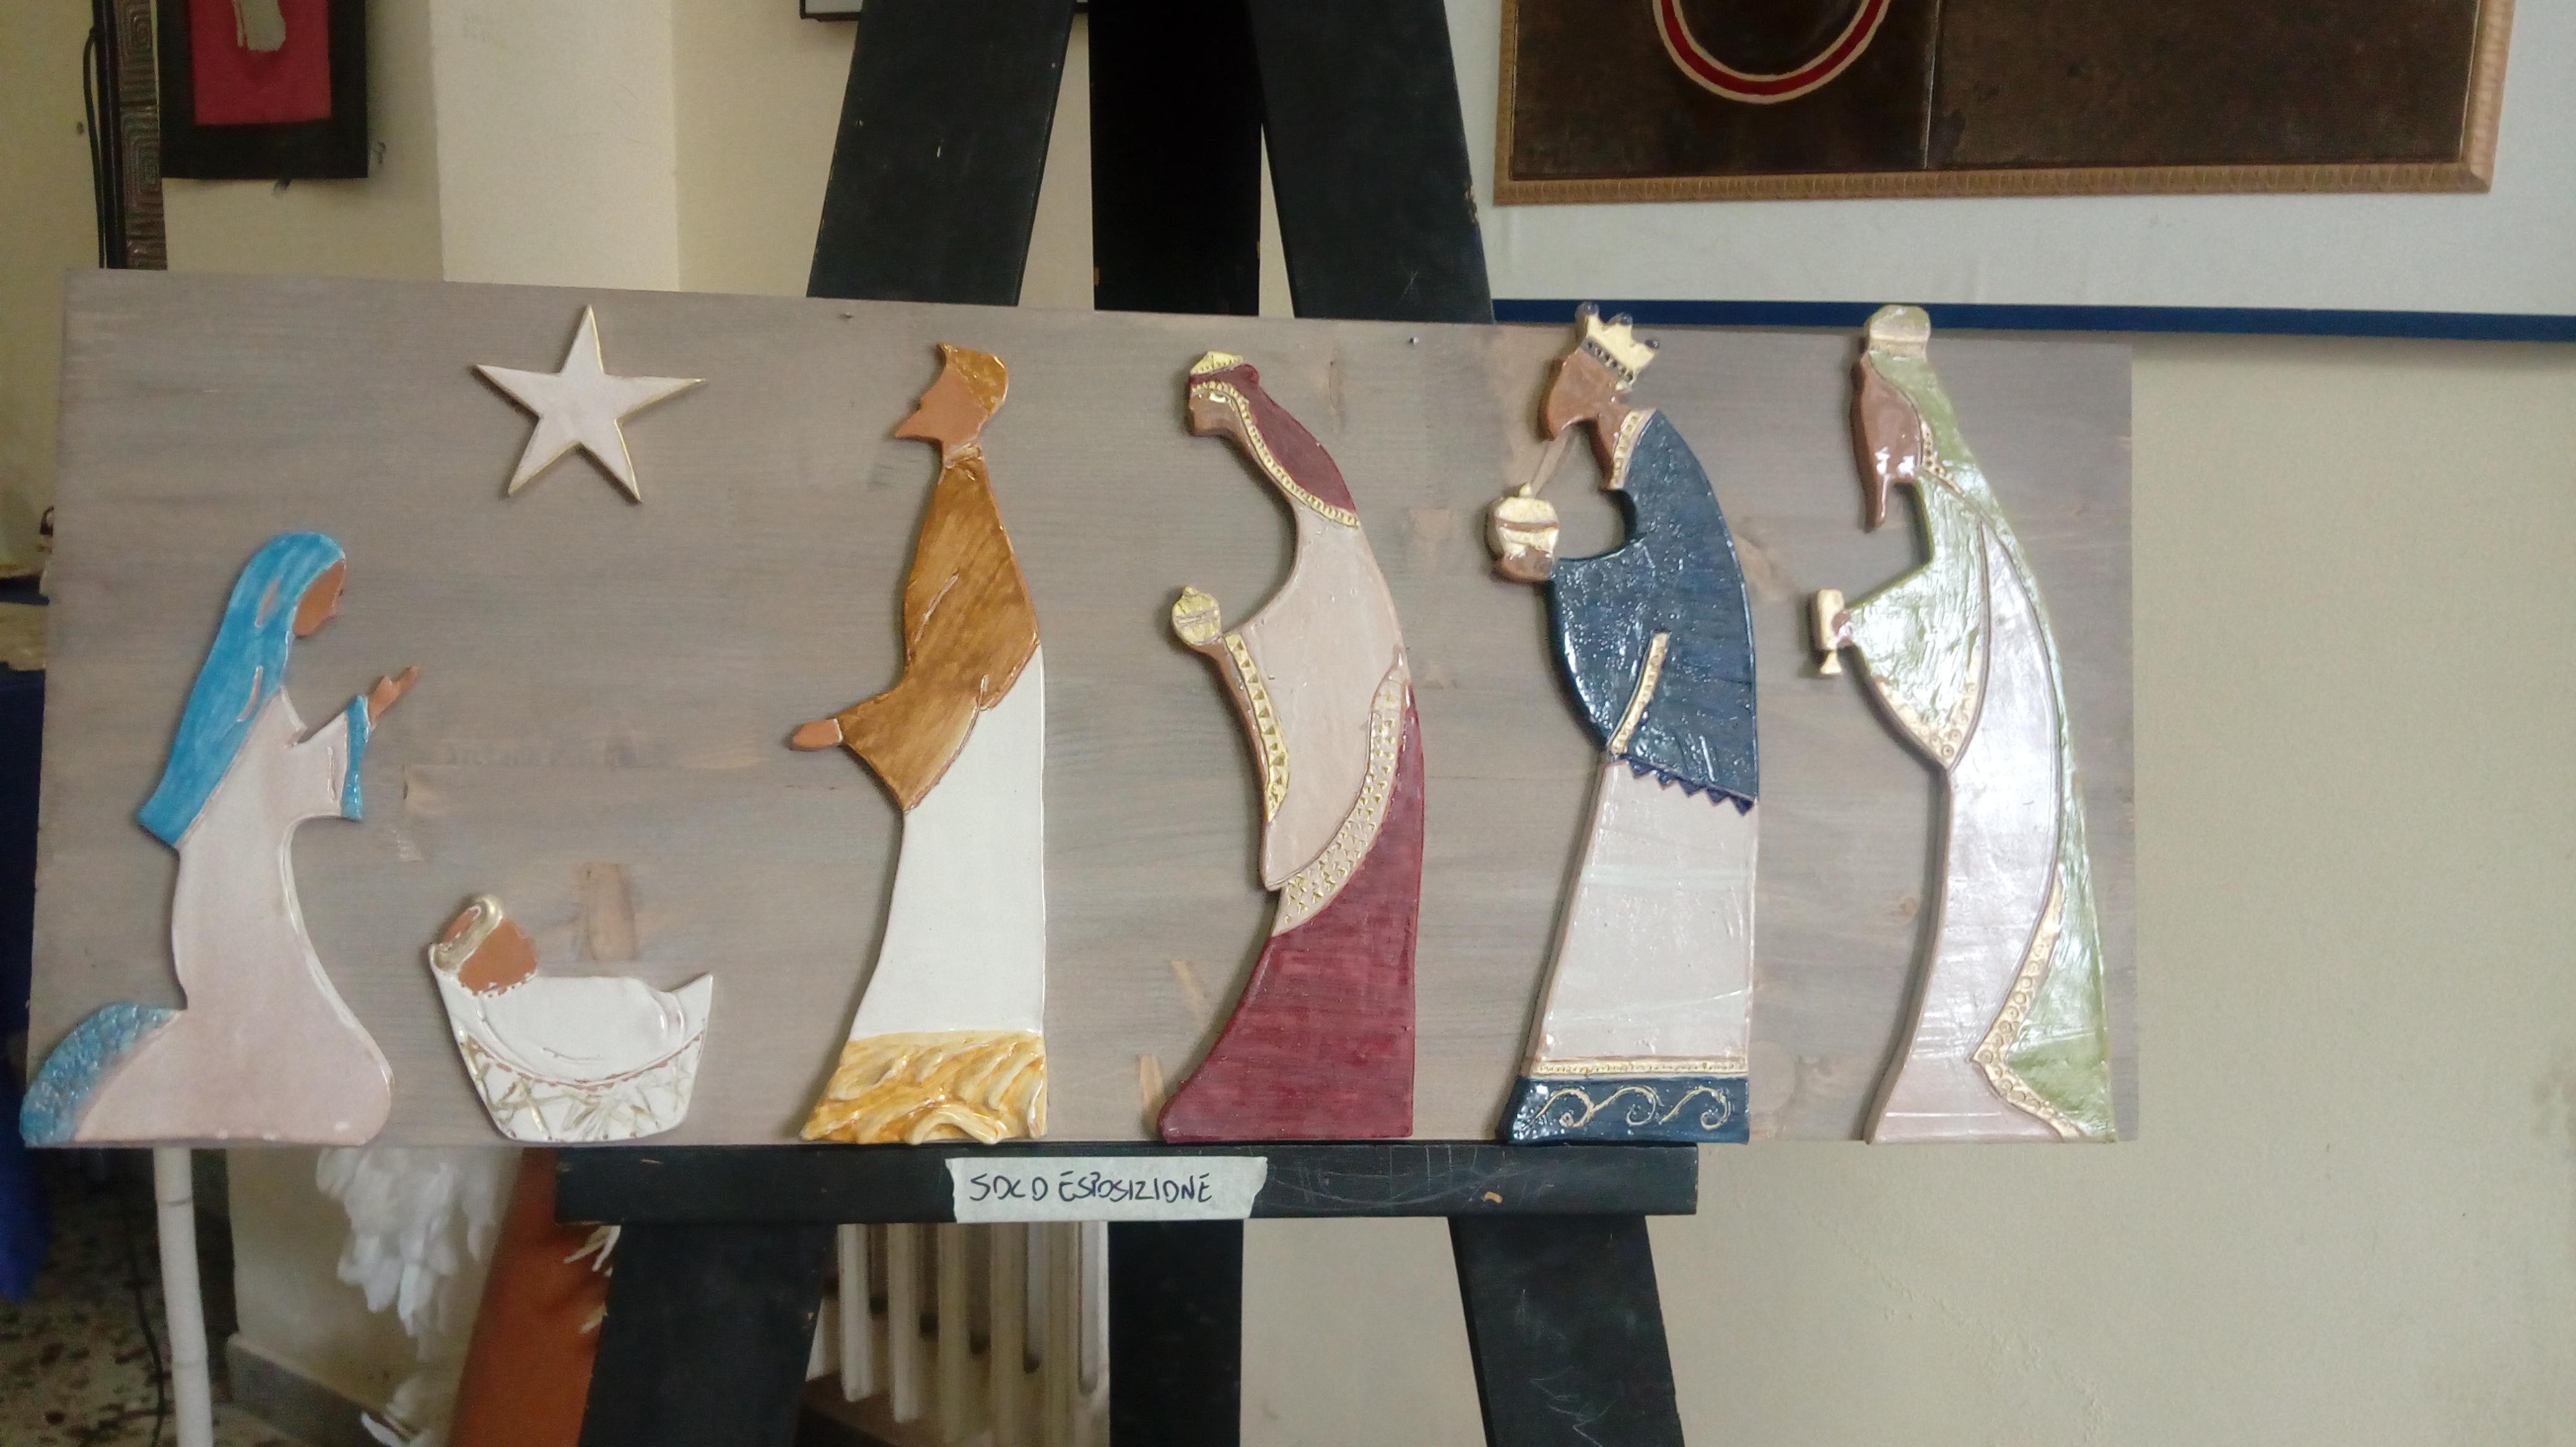 Presepi in ceramica realizzati dagli allievi del Liceo Artistico Sabatini Menna di Salerno